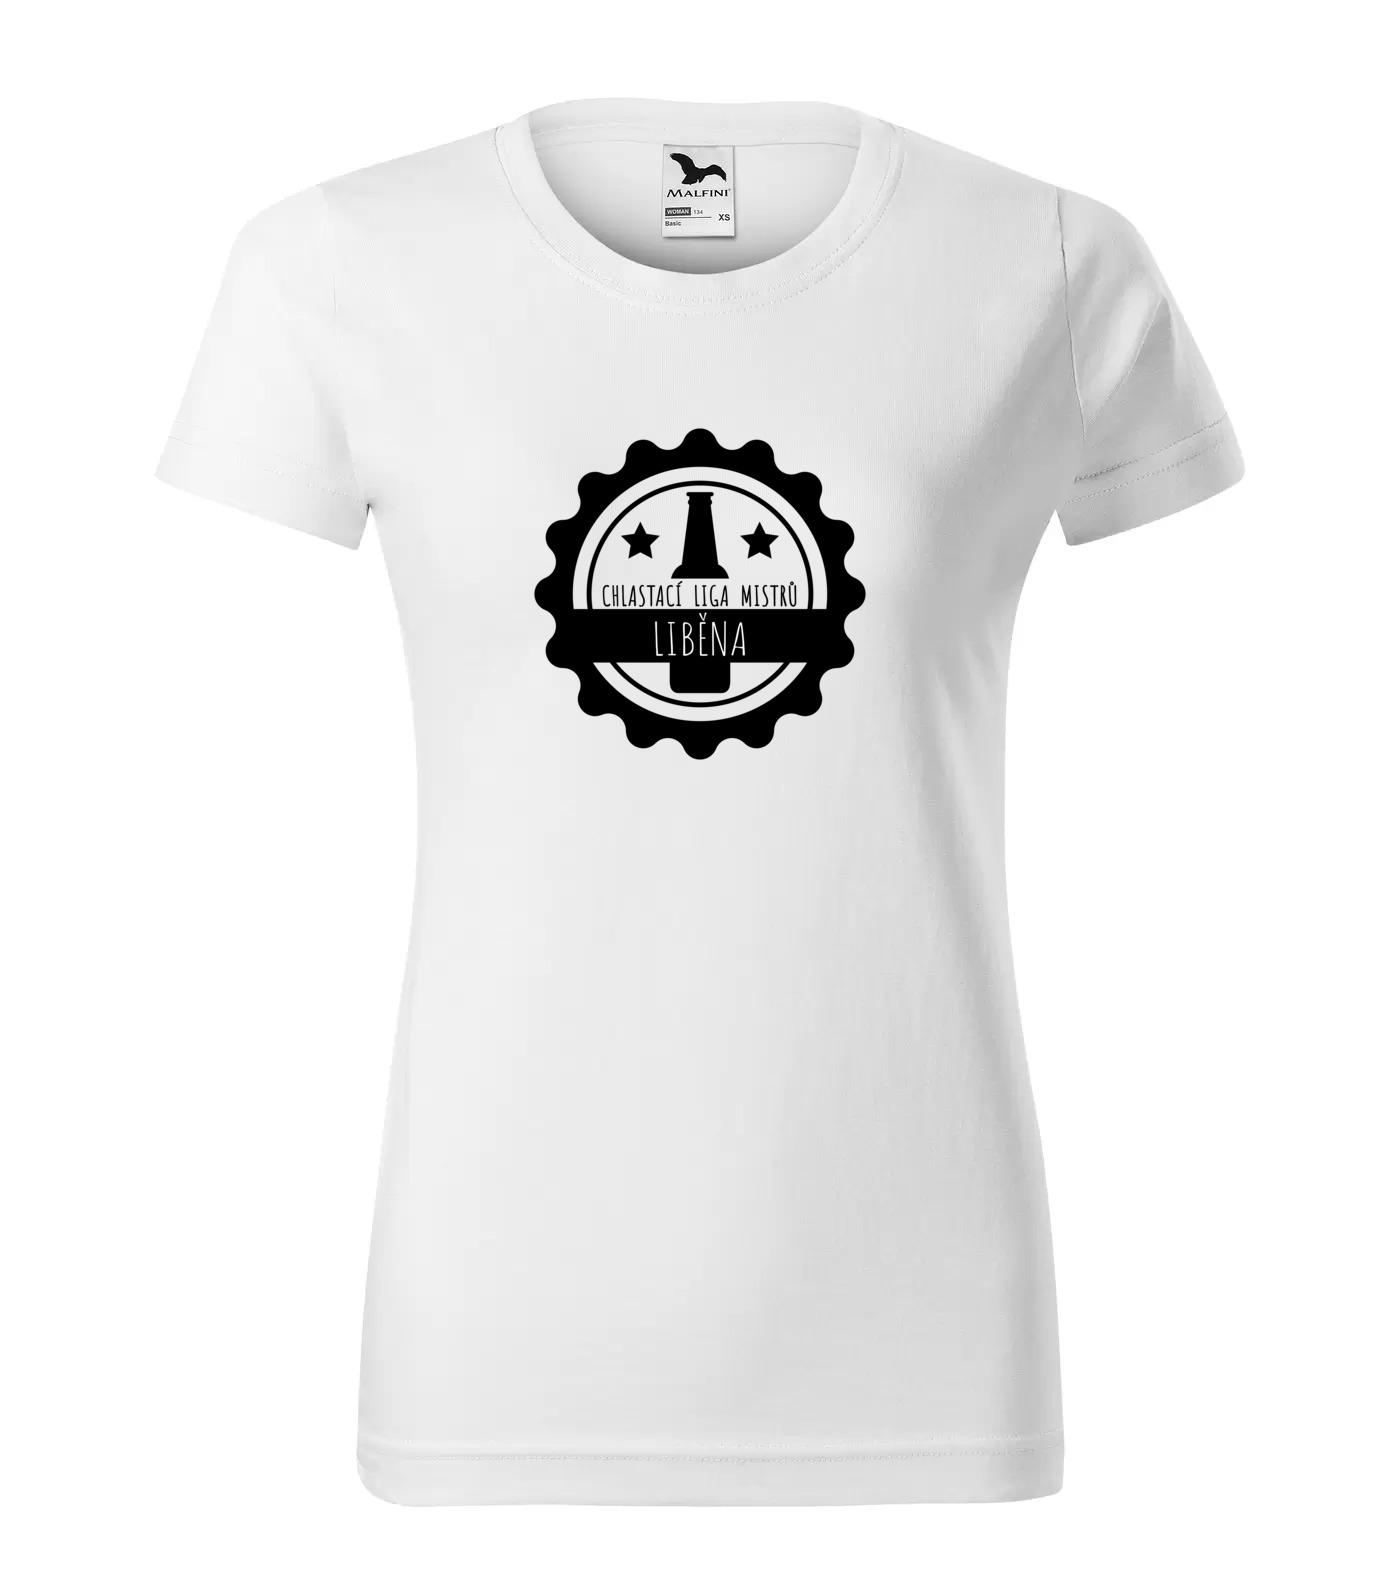 Tričko Chlastací liga žen Liběna